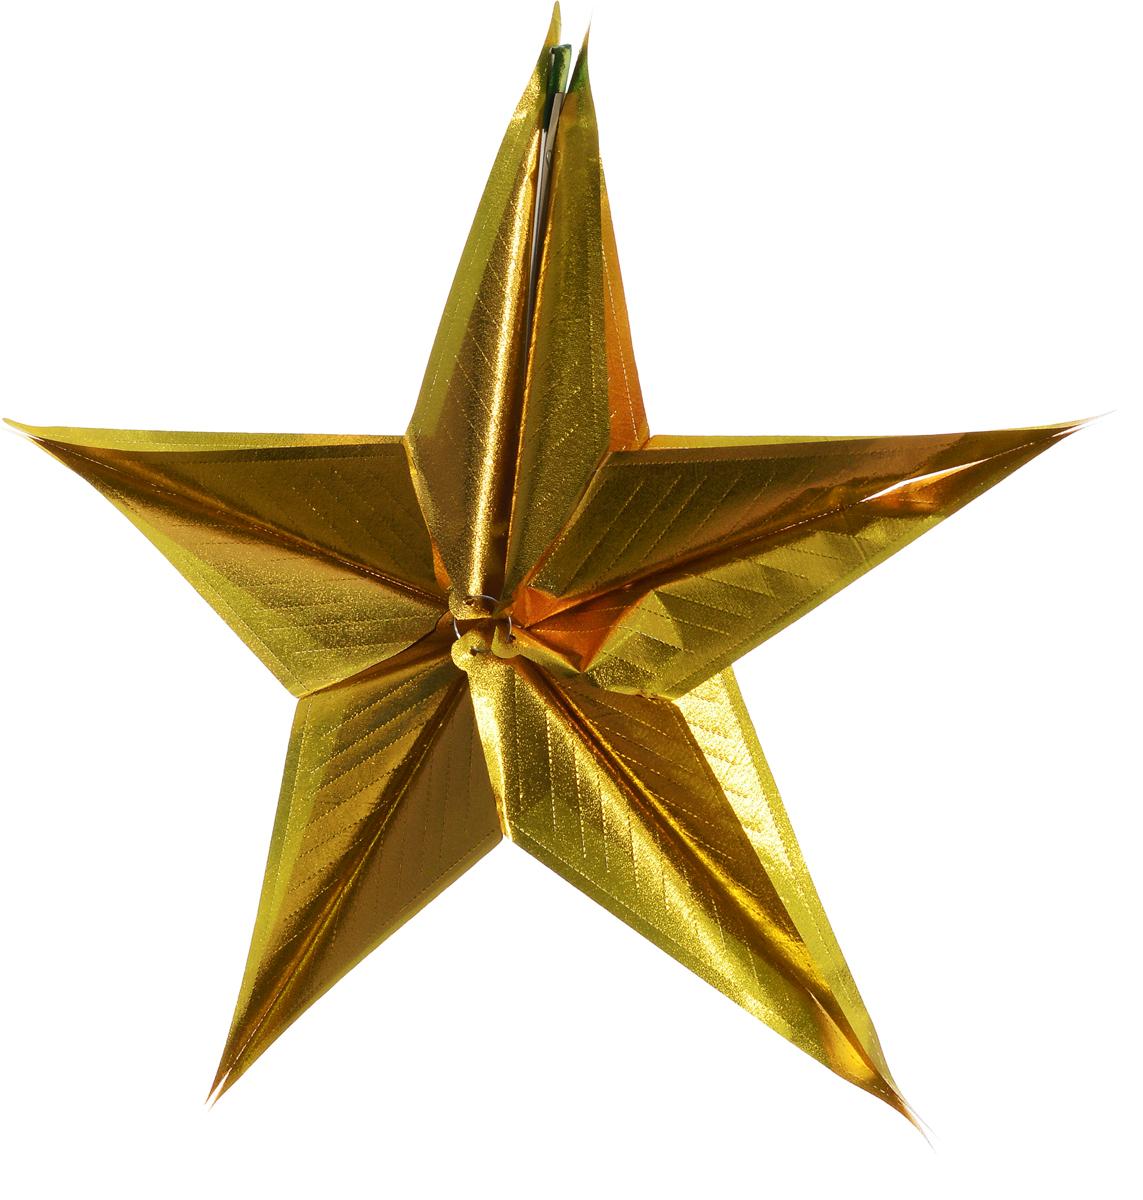 Гирлянда новогодняя Magic Time Звезда большая золотая, 17 x 32 см42119Новогодняя гирлянда Magic Time Звезда большая золотая прекрасно подойдет для декора дома и праздничной ели. Украшение выполнено из ПЭТ. С помощью специальной петельки гирлянду можно повесить в любом понравившемся вам месте. Легко складывается и раскладывается. Новогодние украшения несут в себе волшебство и красоту праздника. Они помогут вам украсить дом к предстоящим праздникам и оживить интерьер по вашему вкусу. Создайте в доме атмосферу тепла, веселья и радости, украшая его всей семьей.